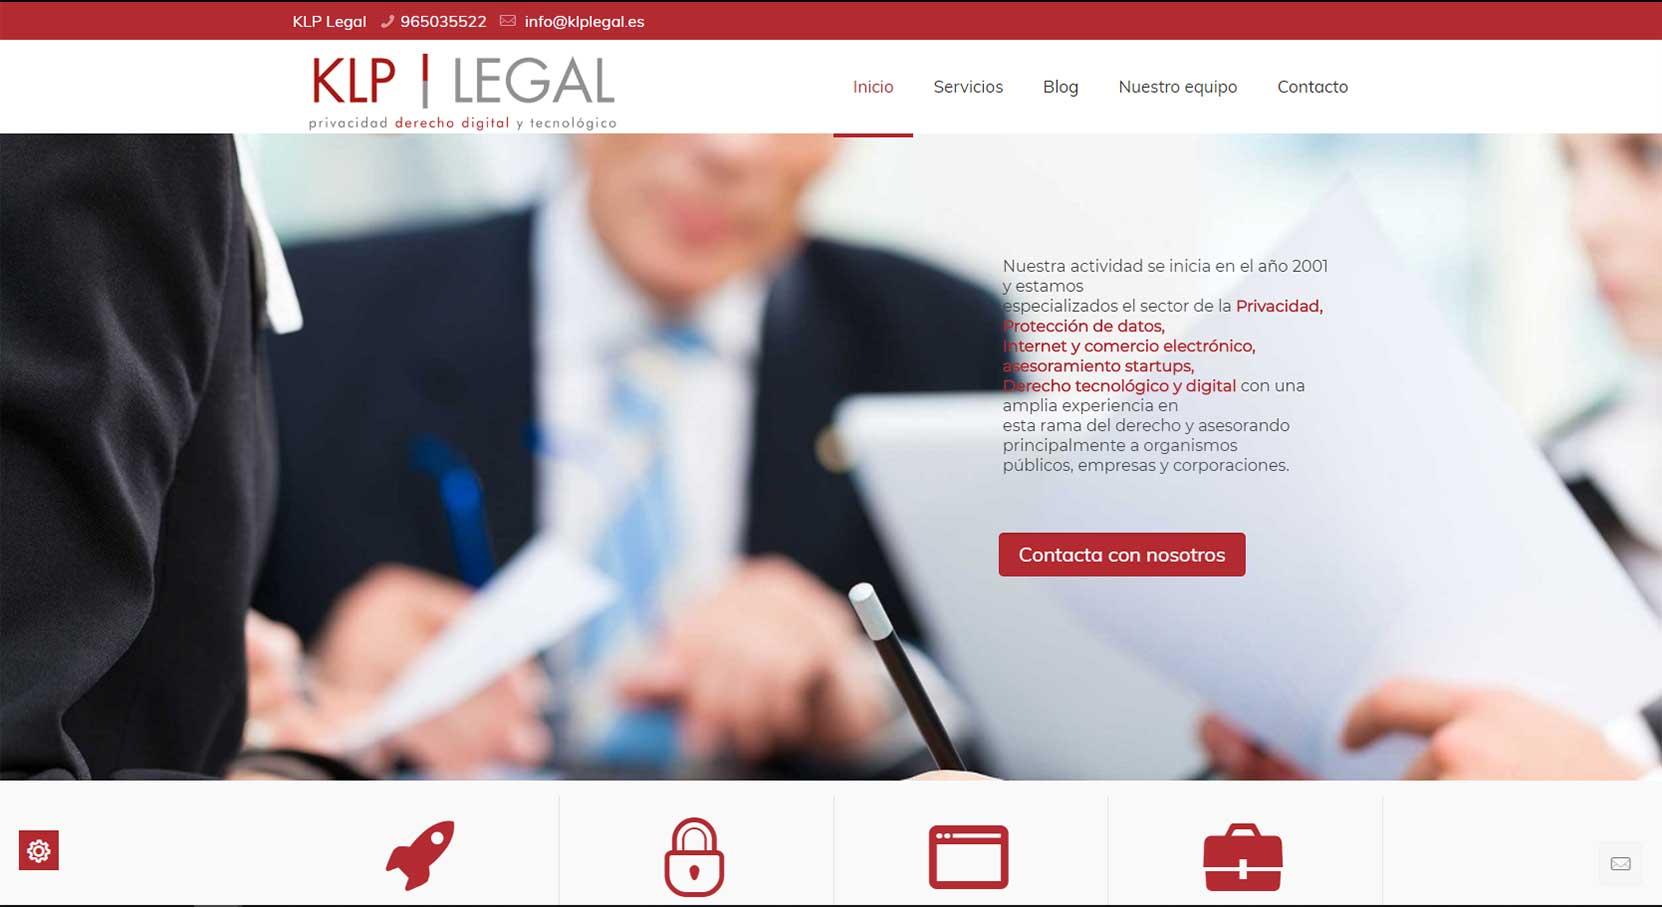 klp-legal